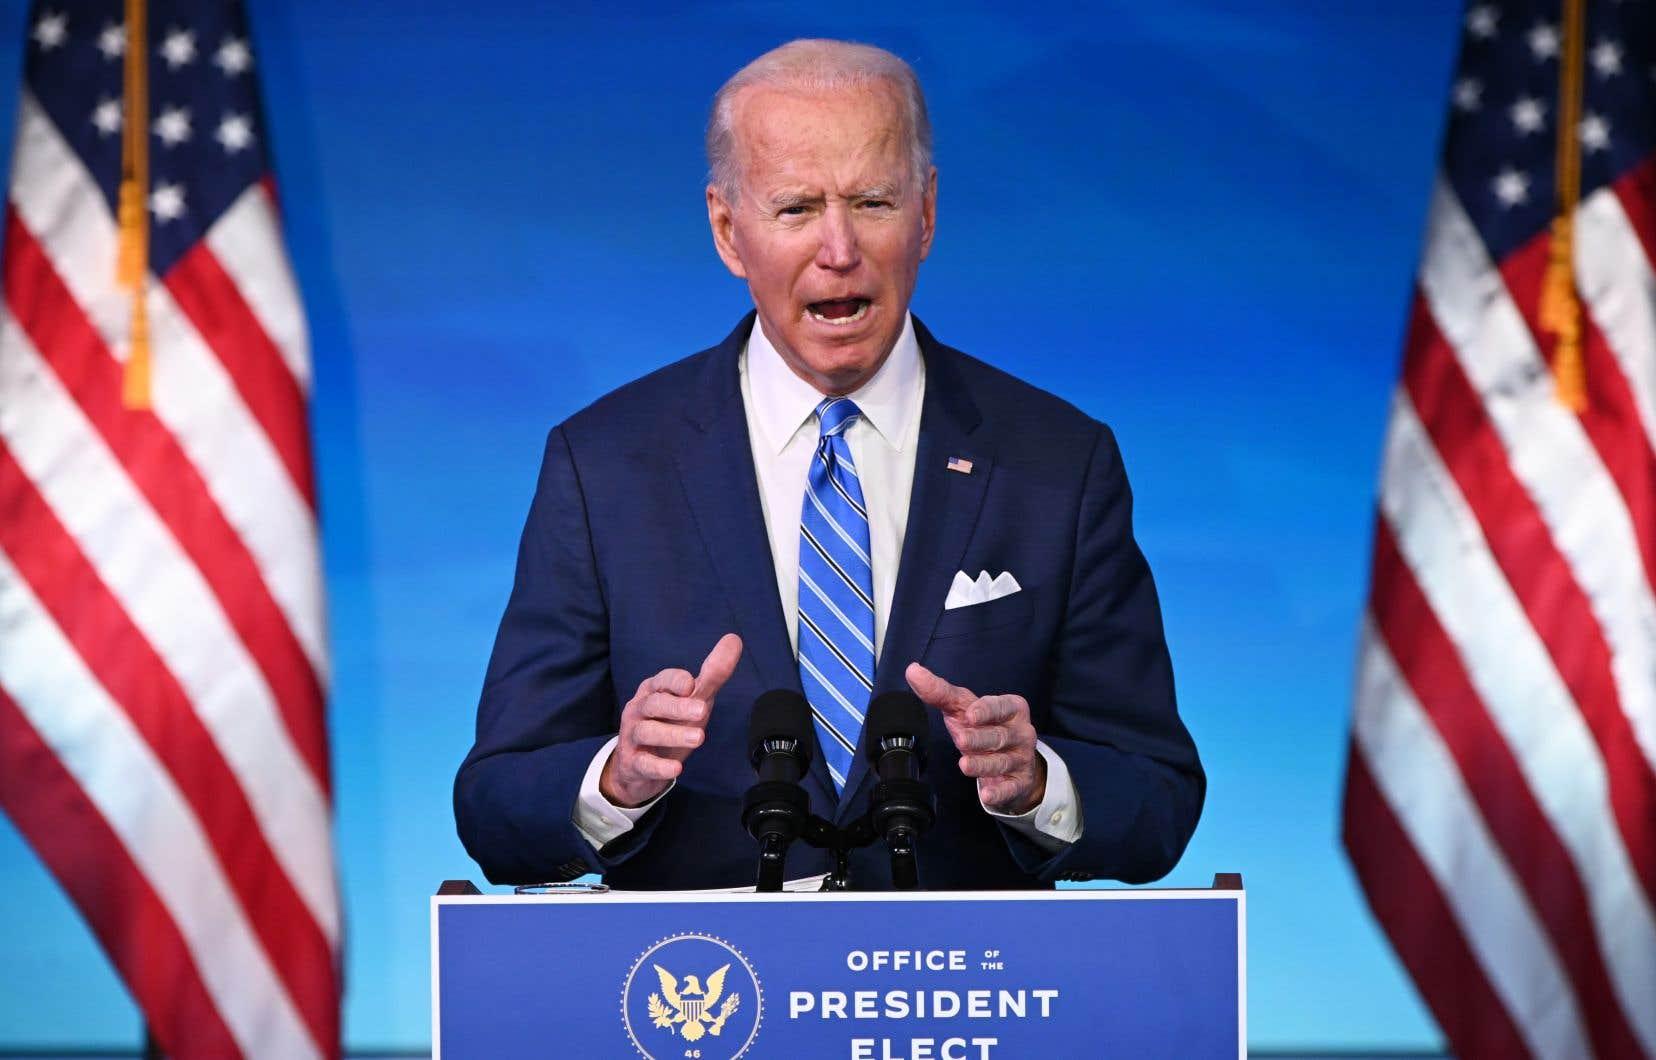 Joe Biden veut accélérer le rythme des tests et vaccinations contre la COVID-19, pour permettre à l'activité de reprendre.